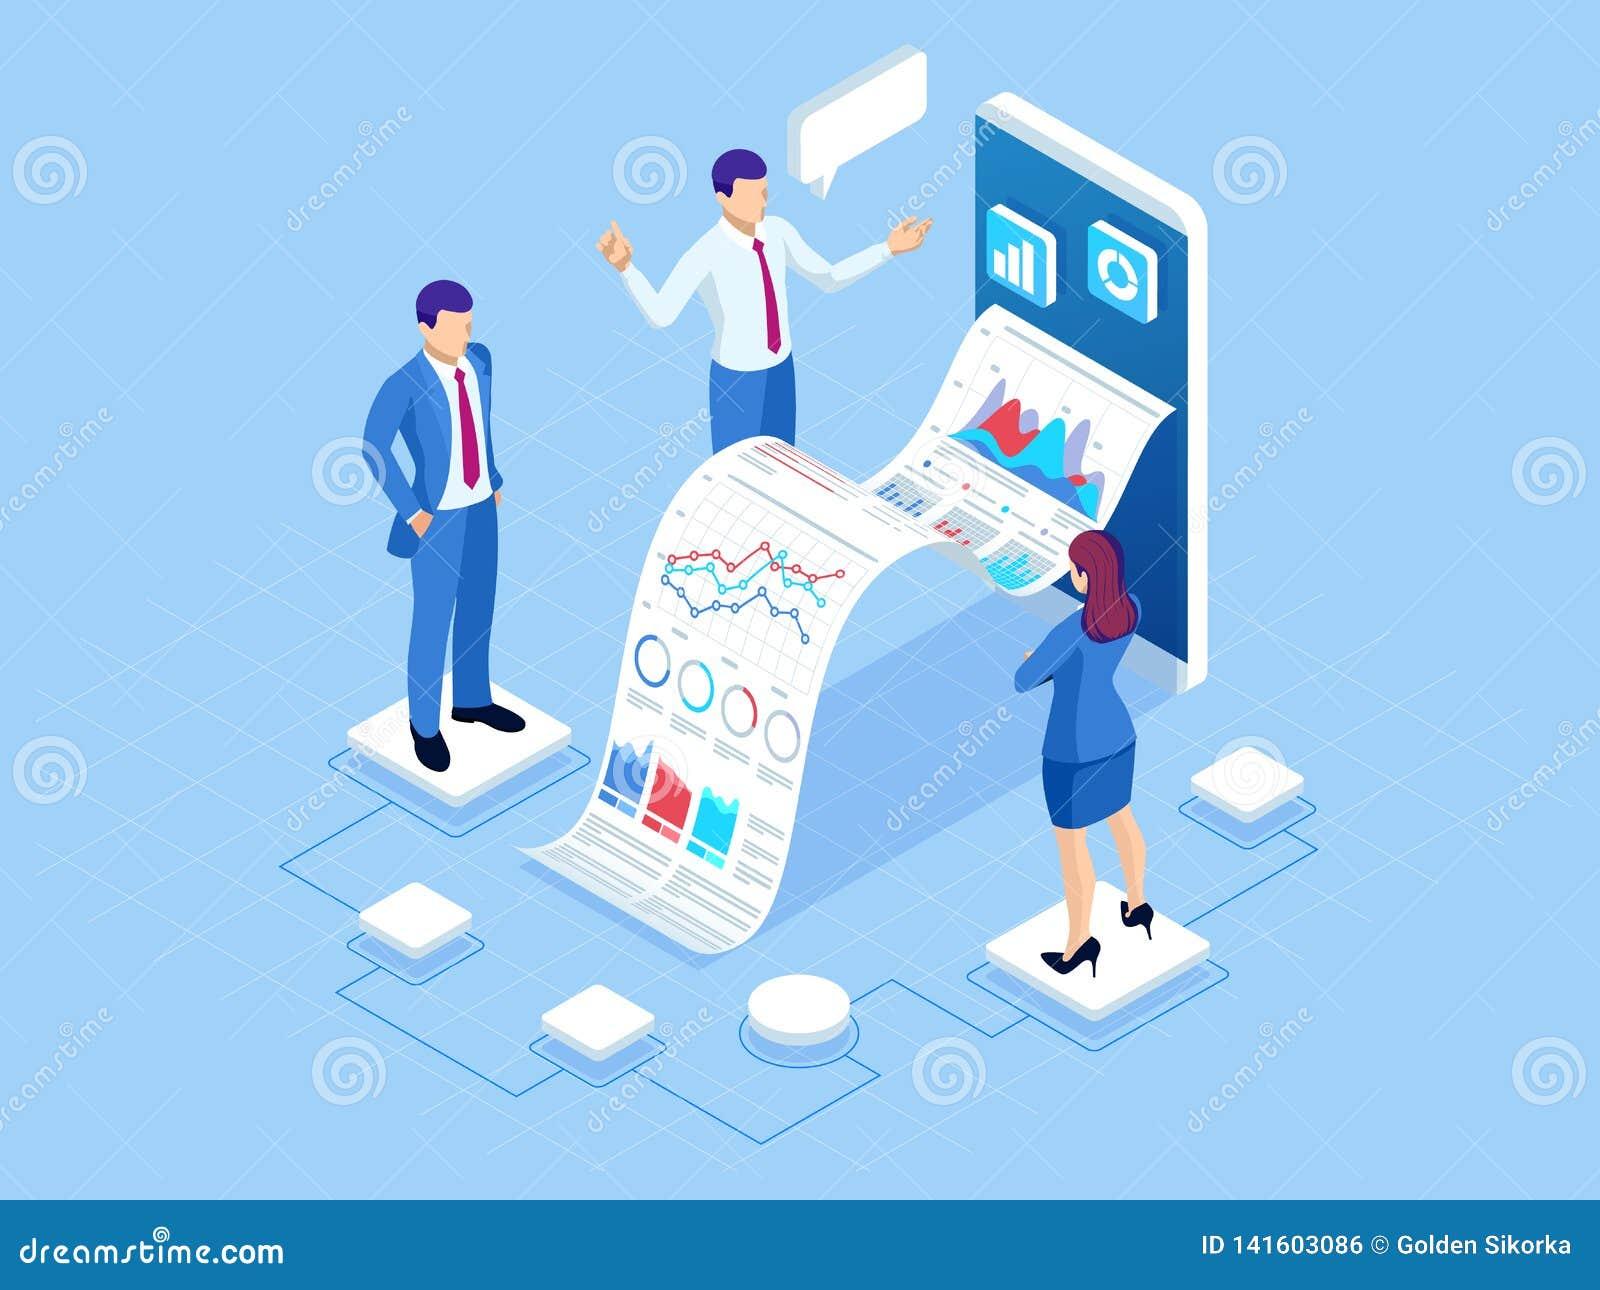 Isometrisches Konzept der Unternehmensanalyse, Analytics, Forschung, Strategiestatistik, Planung, Marketing, Studie von